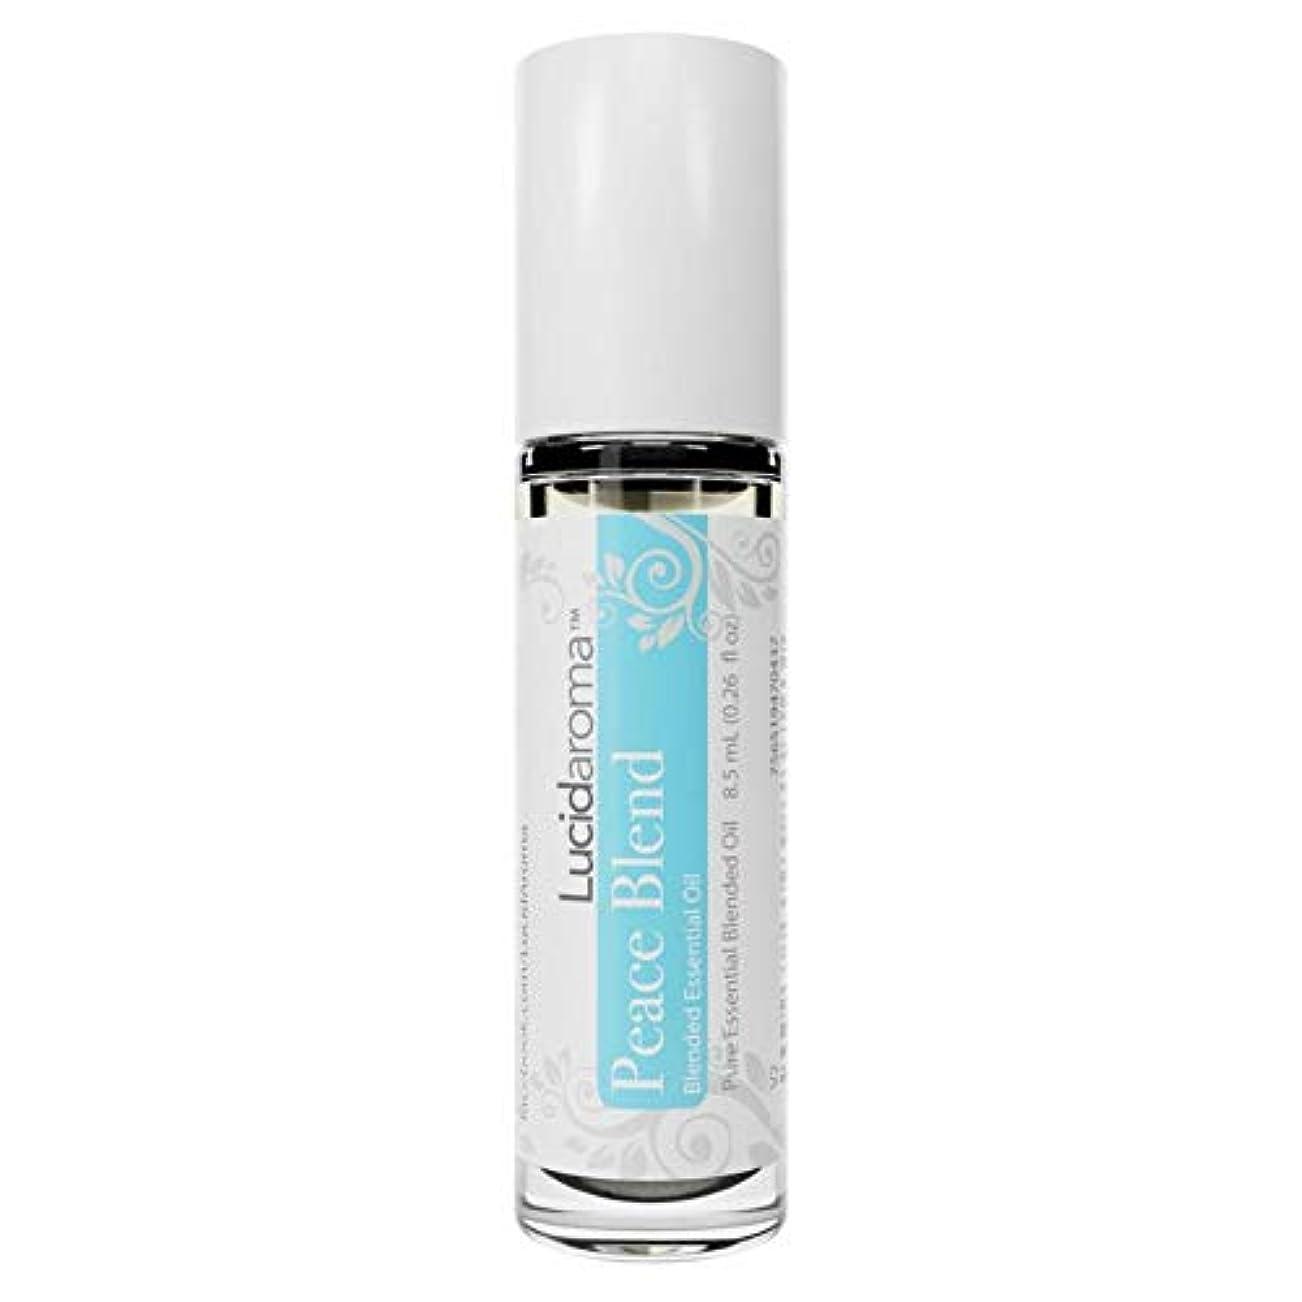 テメリティ輝度ライナーLucid Aroma Peace Blend ピース ブレンド ロールオン アロマオイル 8.5mL (塗るアロマ) 100%天然 携帯便利 ピュア エッセンシャル アメリカ製